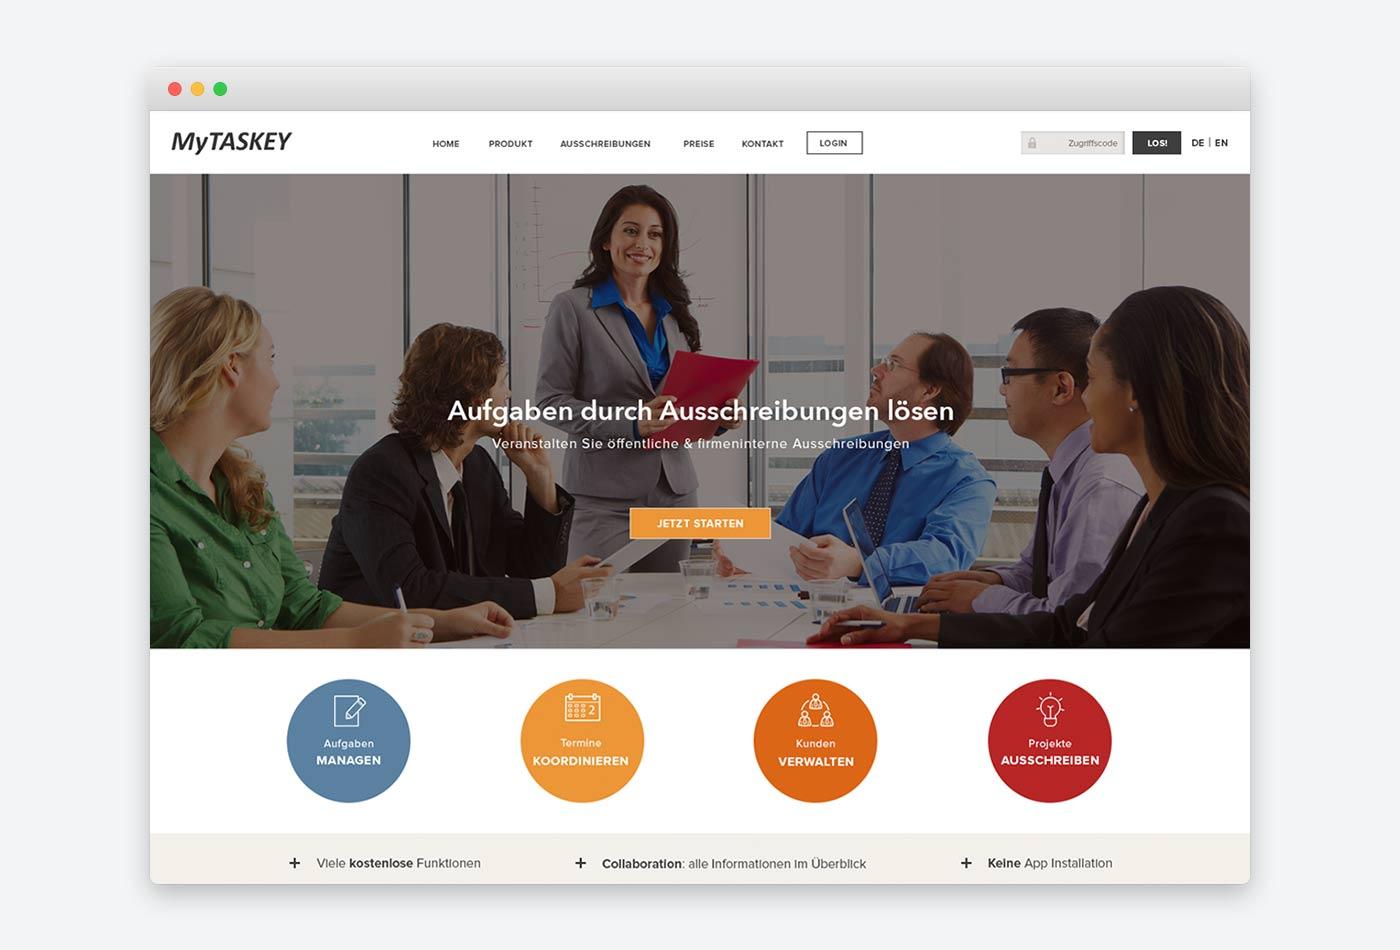 Webdesign für Webanwendung